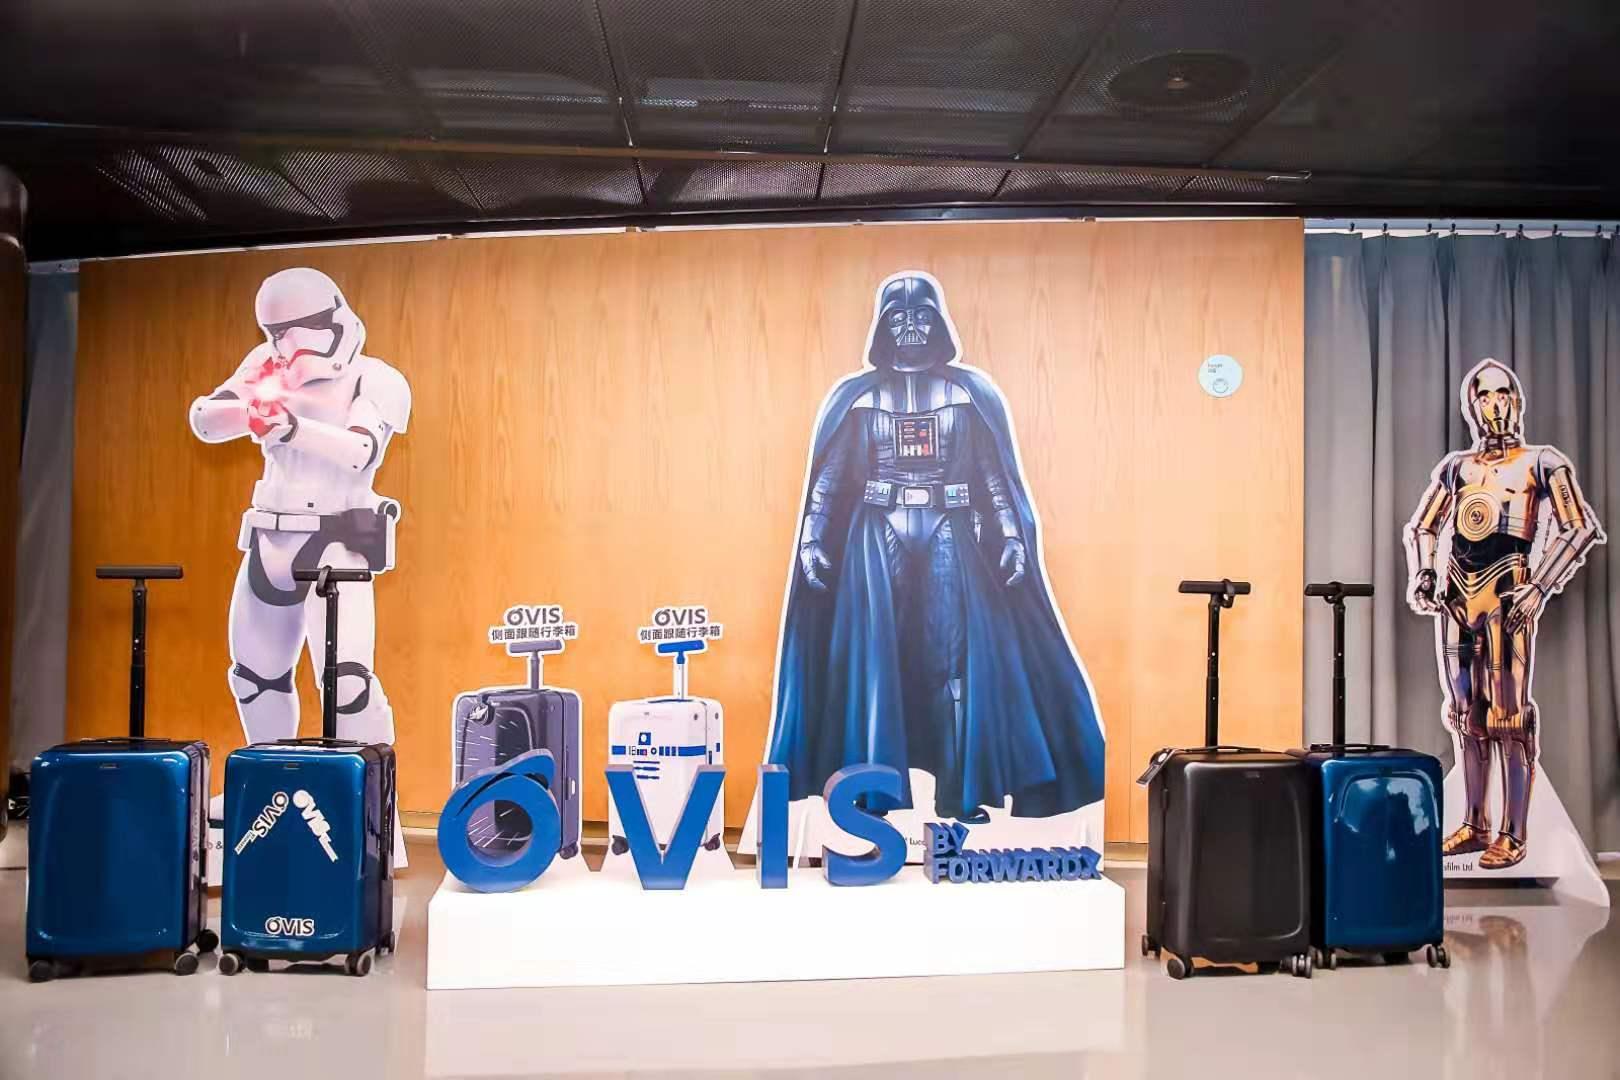 科幻黑科技走进现实,OVIS侧面跟随行李箱星球大战限量版空降地球